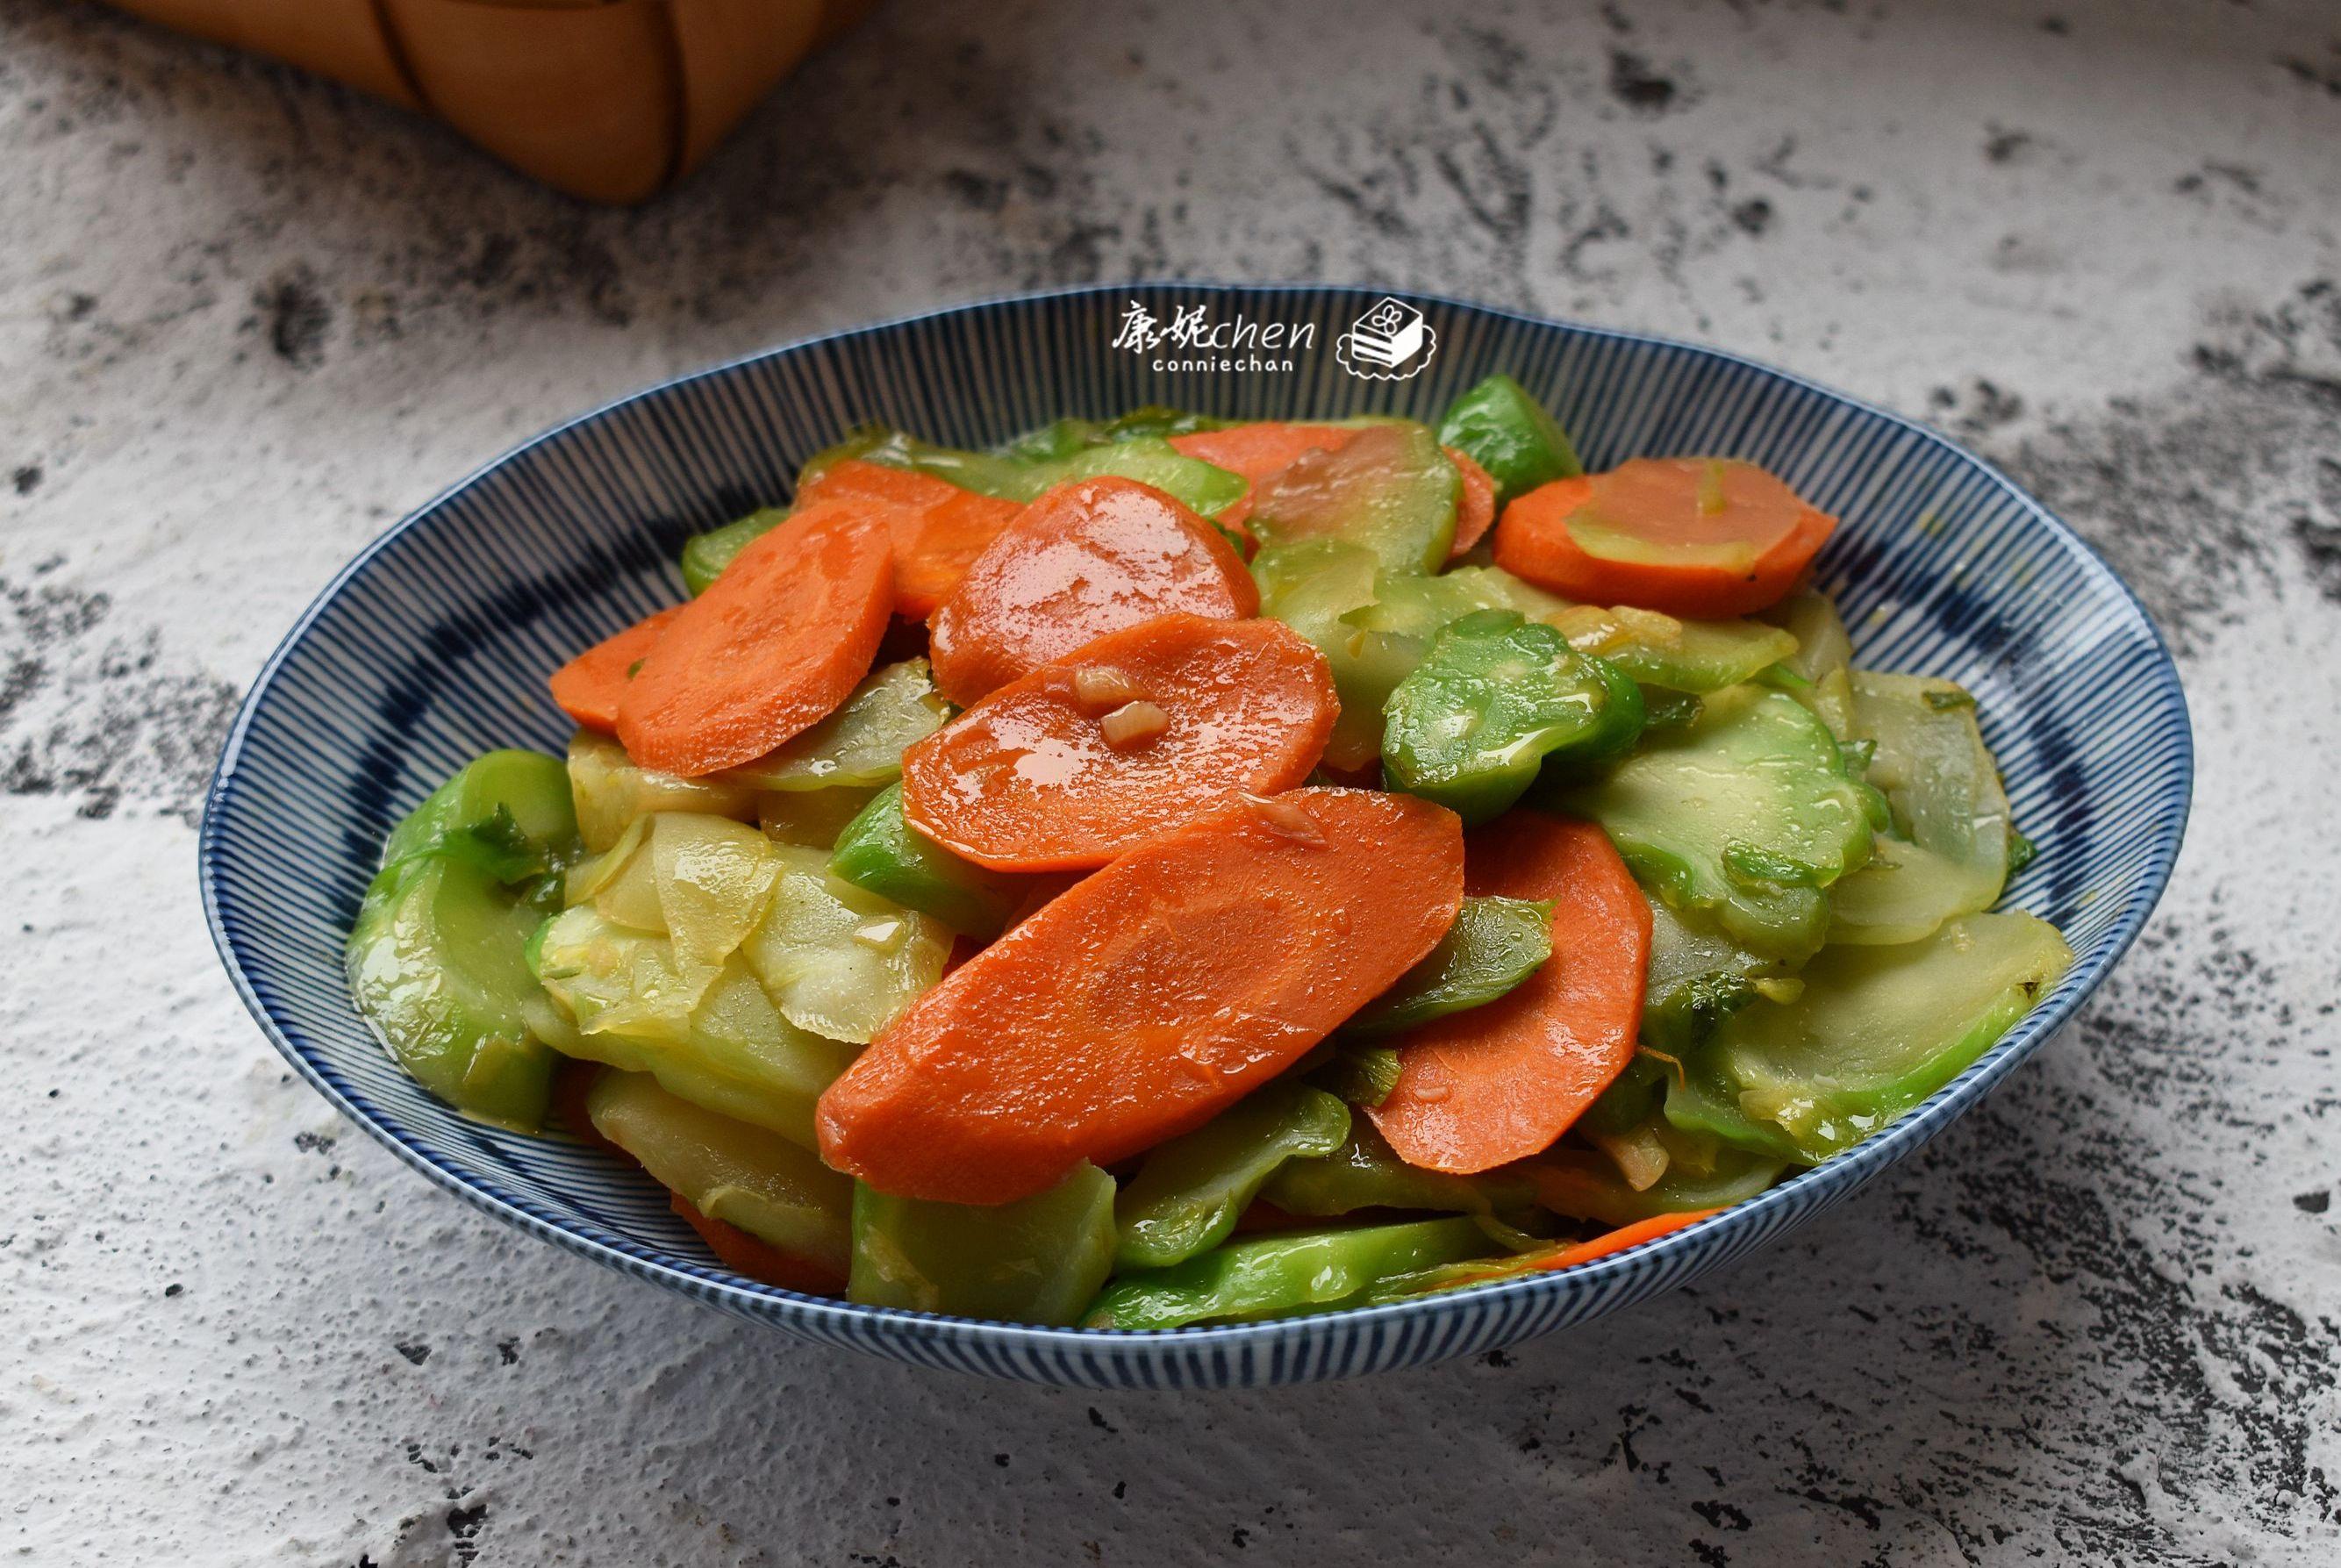 这道菜简单炒一炒就能上桌,清爽可口又营养,好吃还便宜,别错过